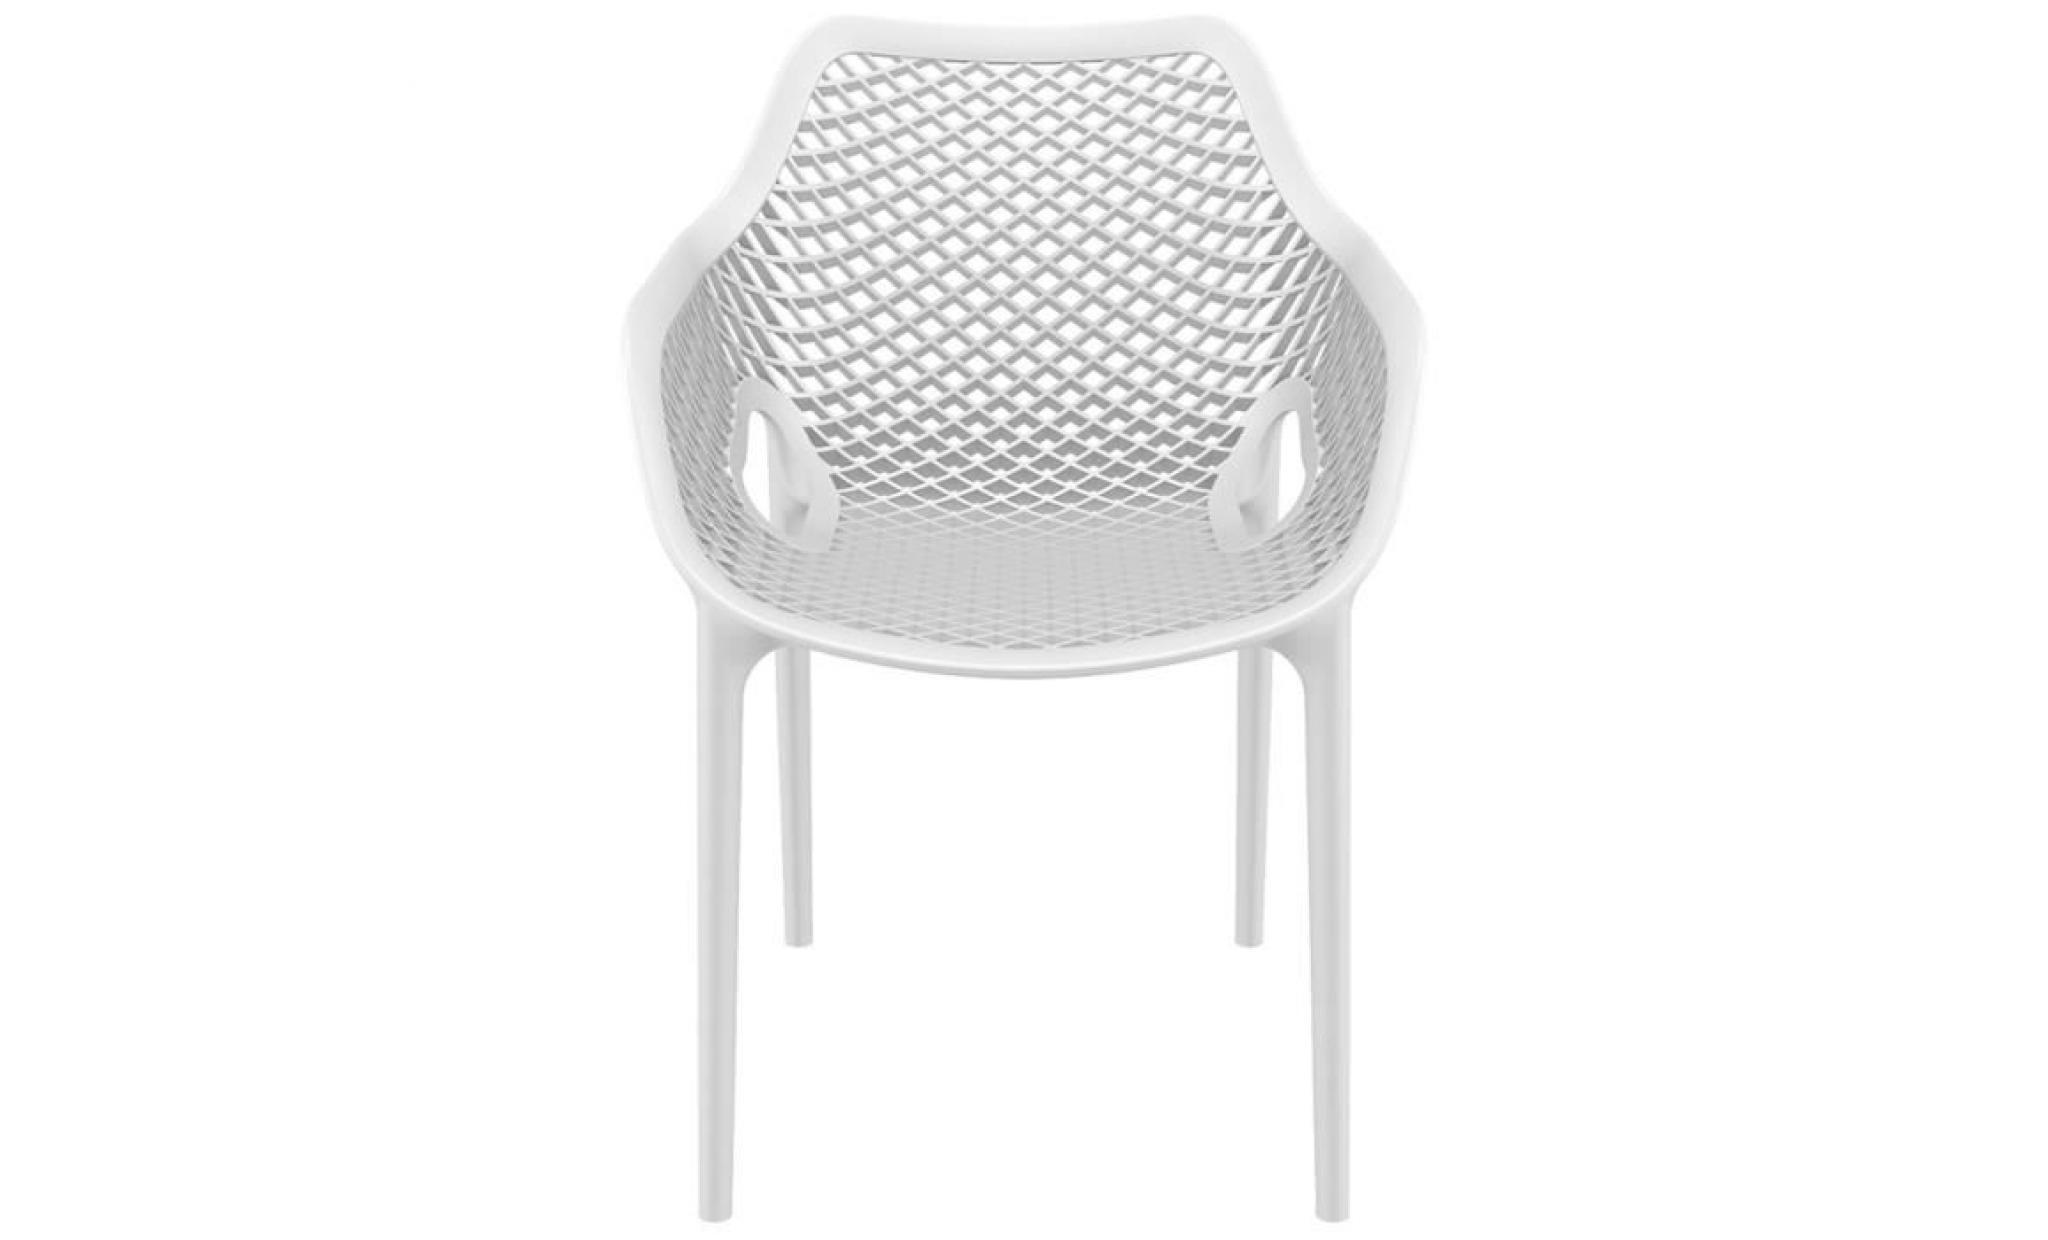 Chaise de jardin terrasse 39 sister 39 blanche en mati re Chaise de terrasse pas cher